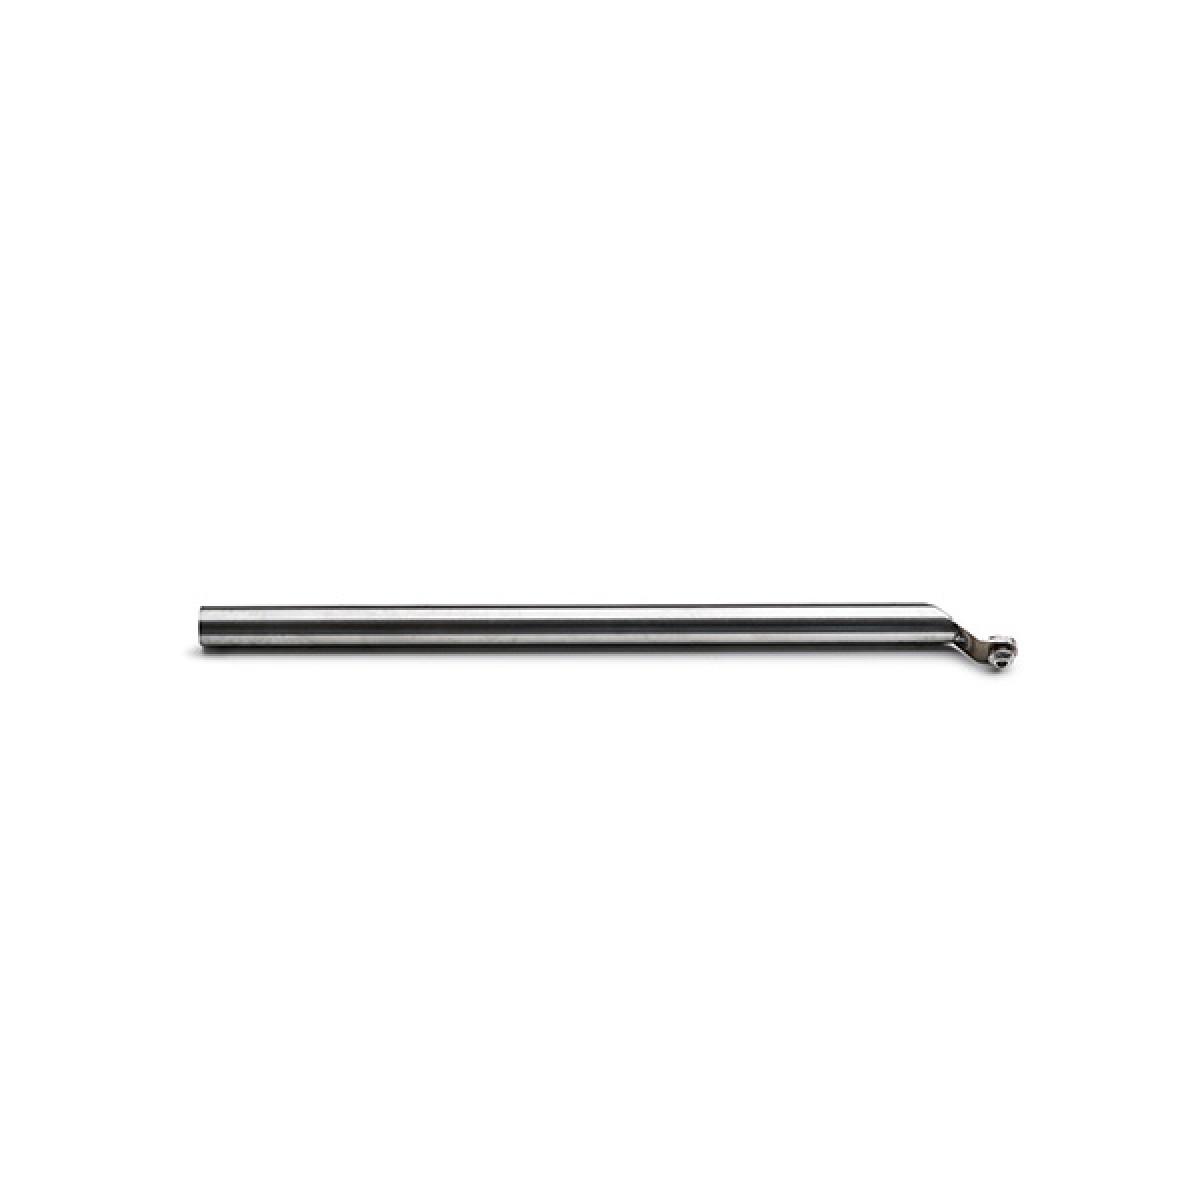 TRIPLE Pole | Stange | 40 cm | optionales Zubehör für TRIPLE Fire Bowl | Feuerschale von höfats